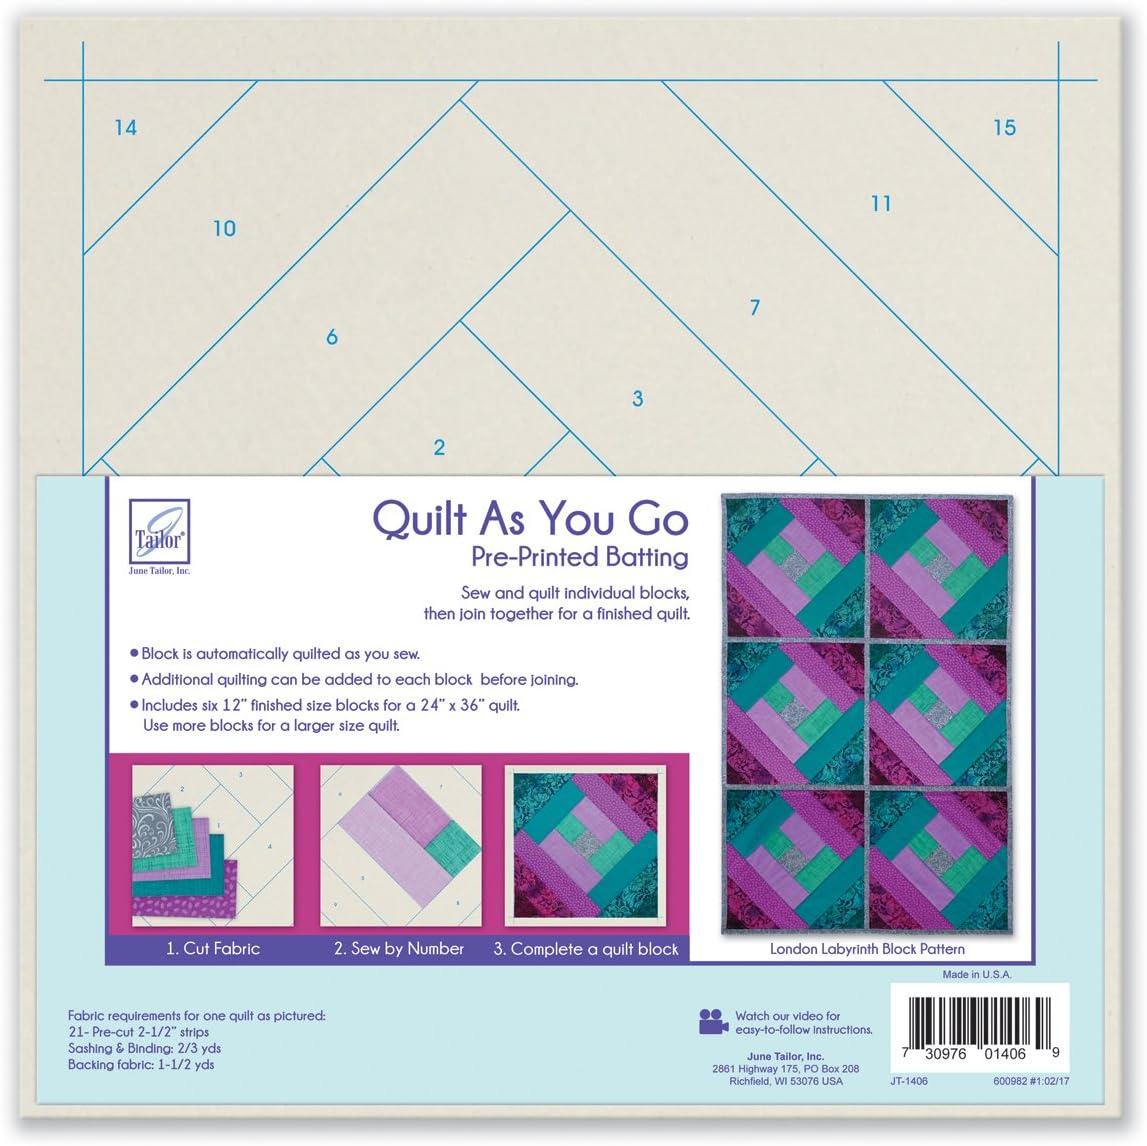 June Tailor Paris//Poin-Quilt As You Go Btng Acrylic Multicolour 29.21x29.21x3.81 cm